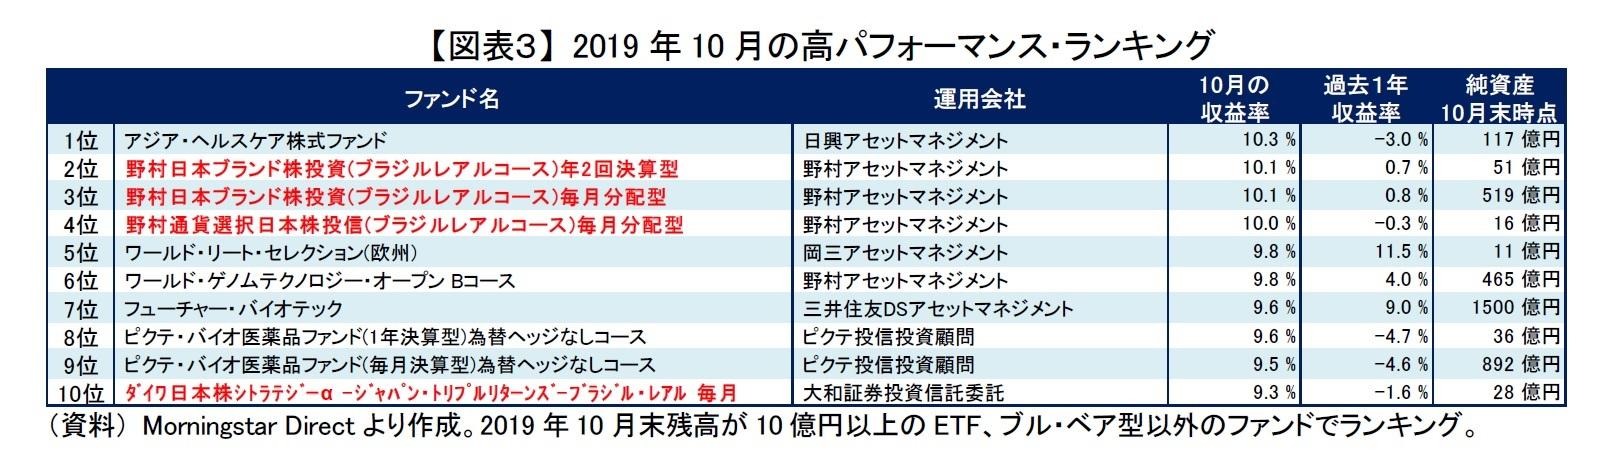 【図表3】 2019年10月の高パフォーマンス・ランキング